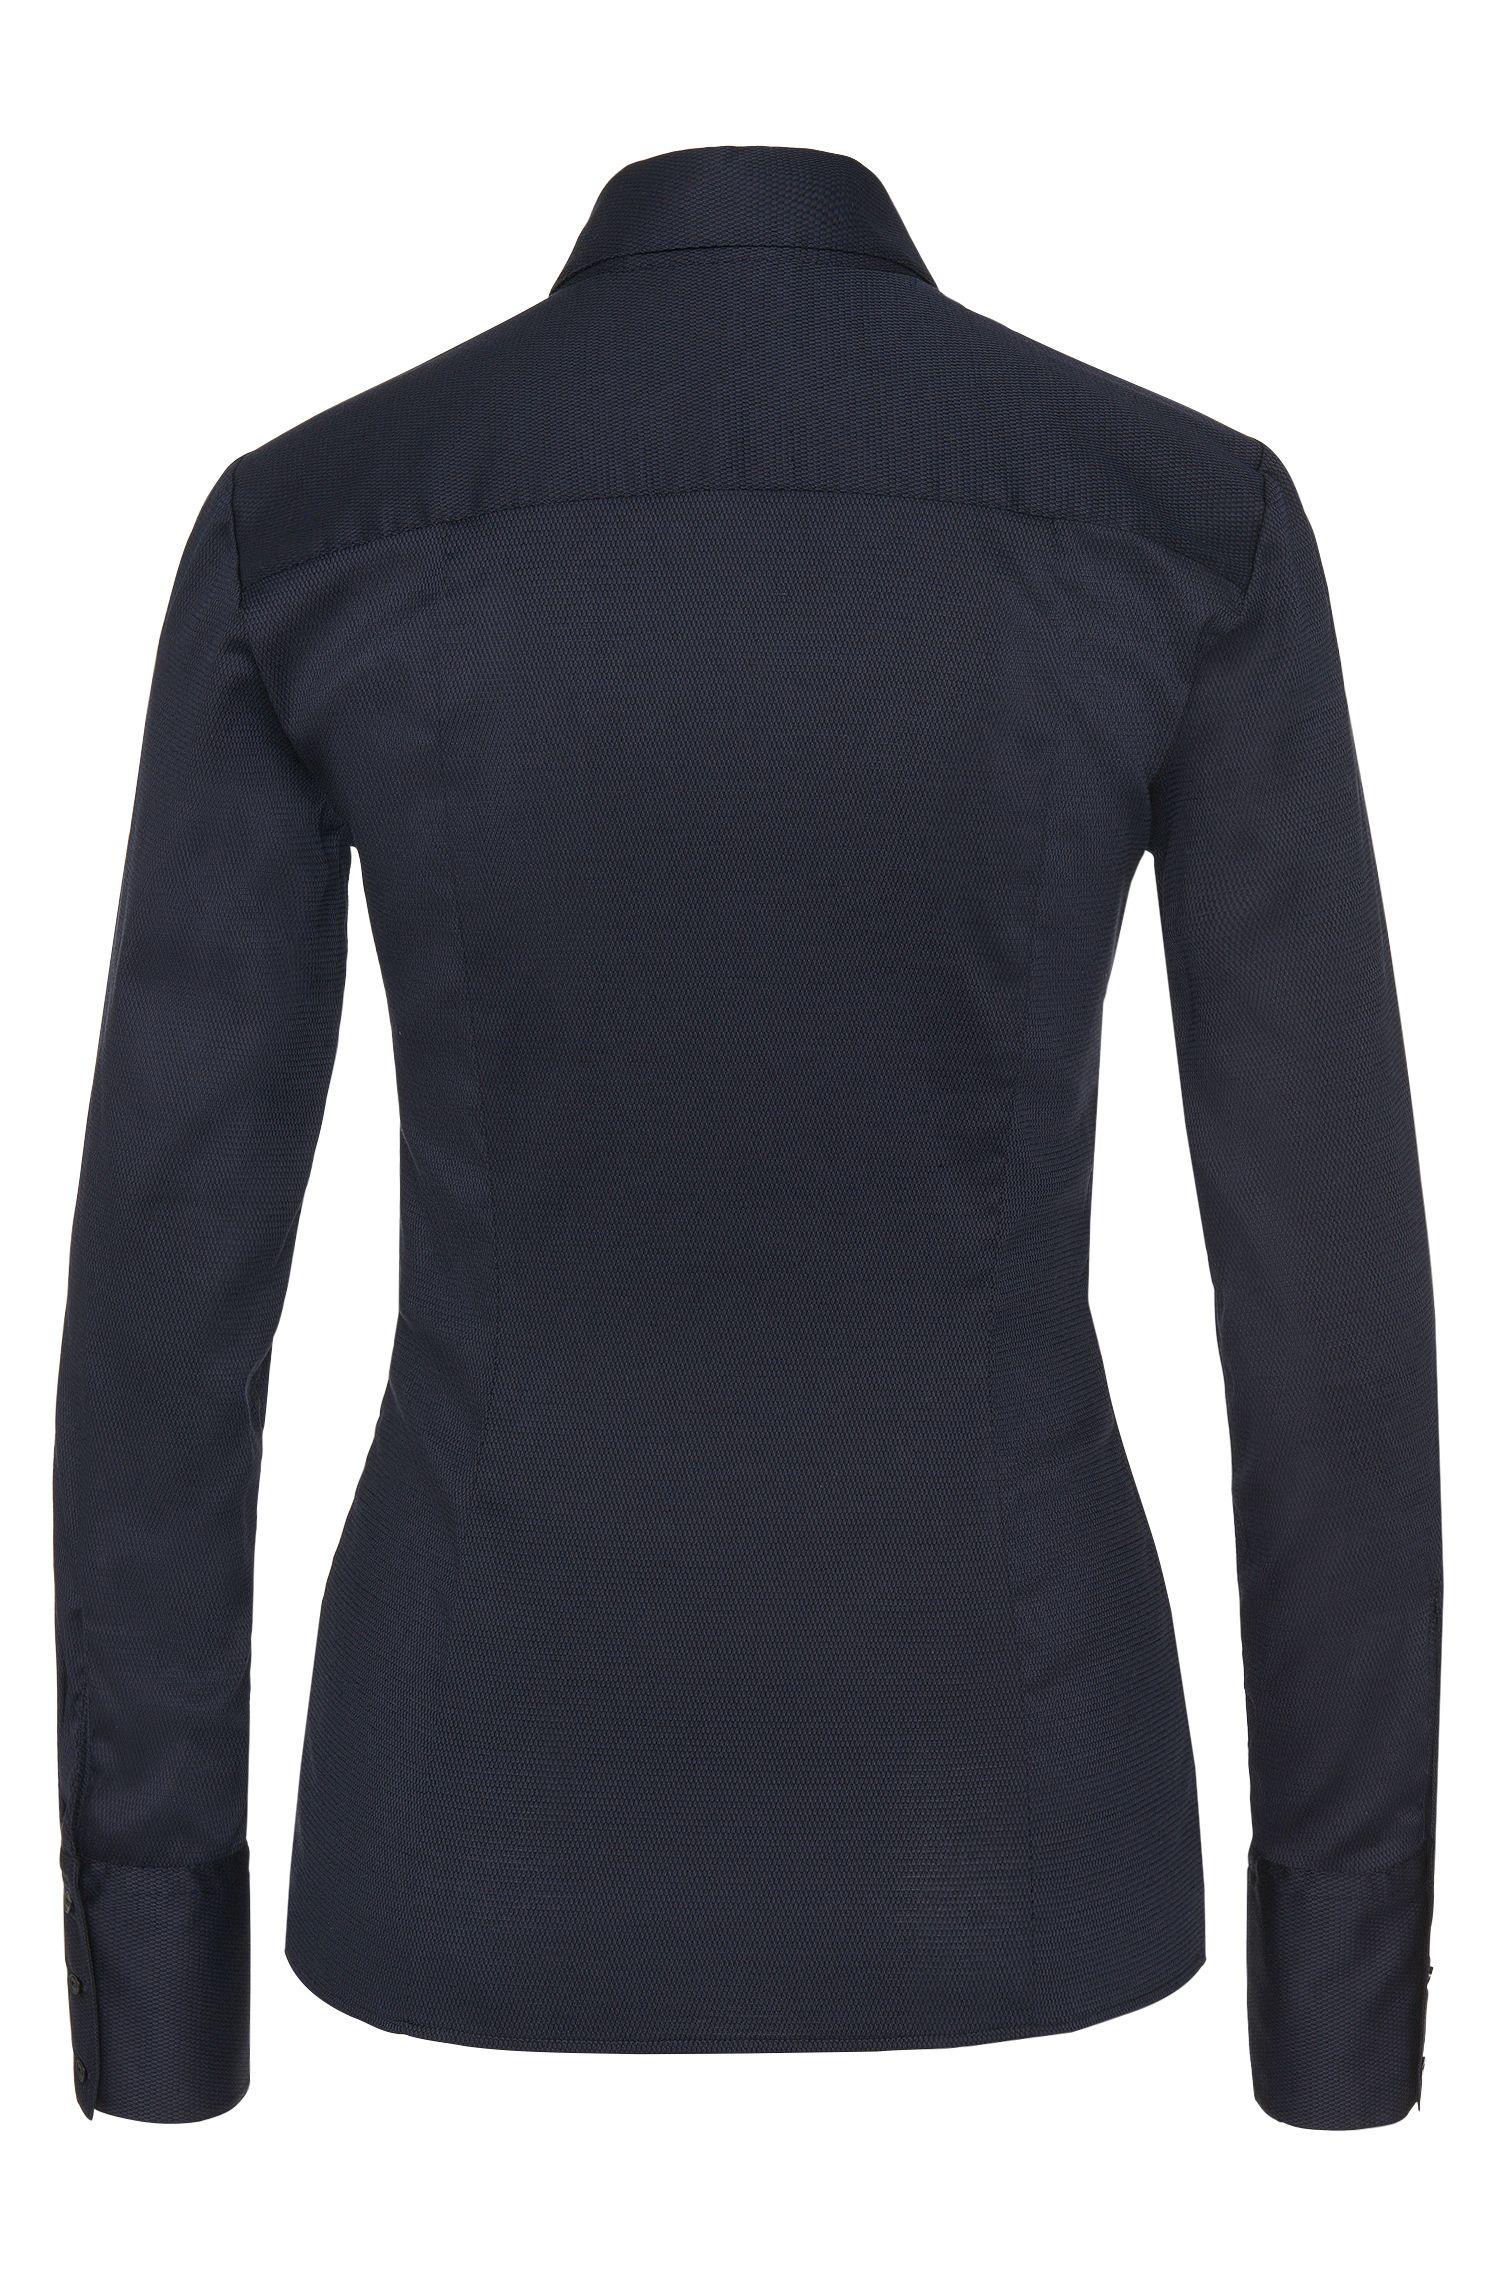 Taillierte Bluse aus Baumwoll-Mix mit breiten Manschetten: 'Etrixe1'